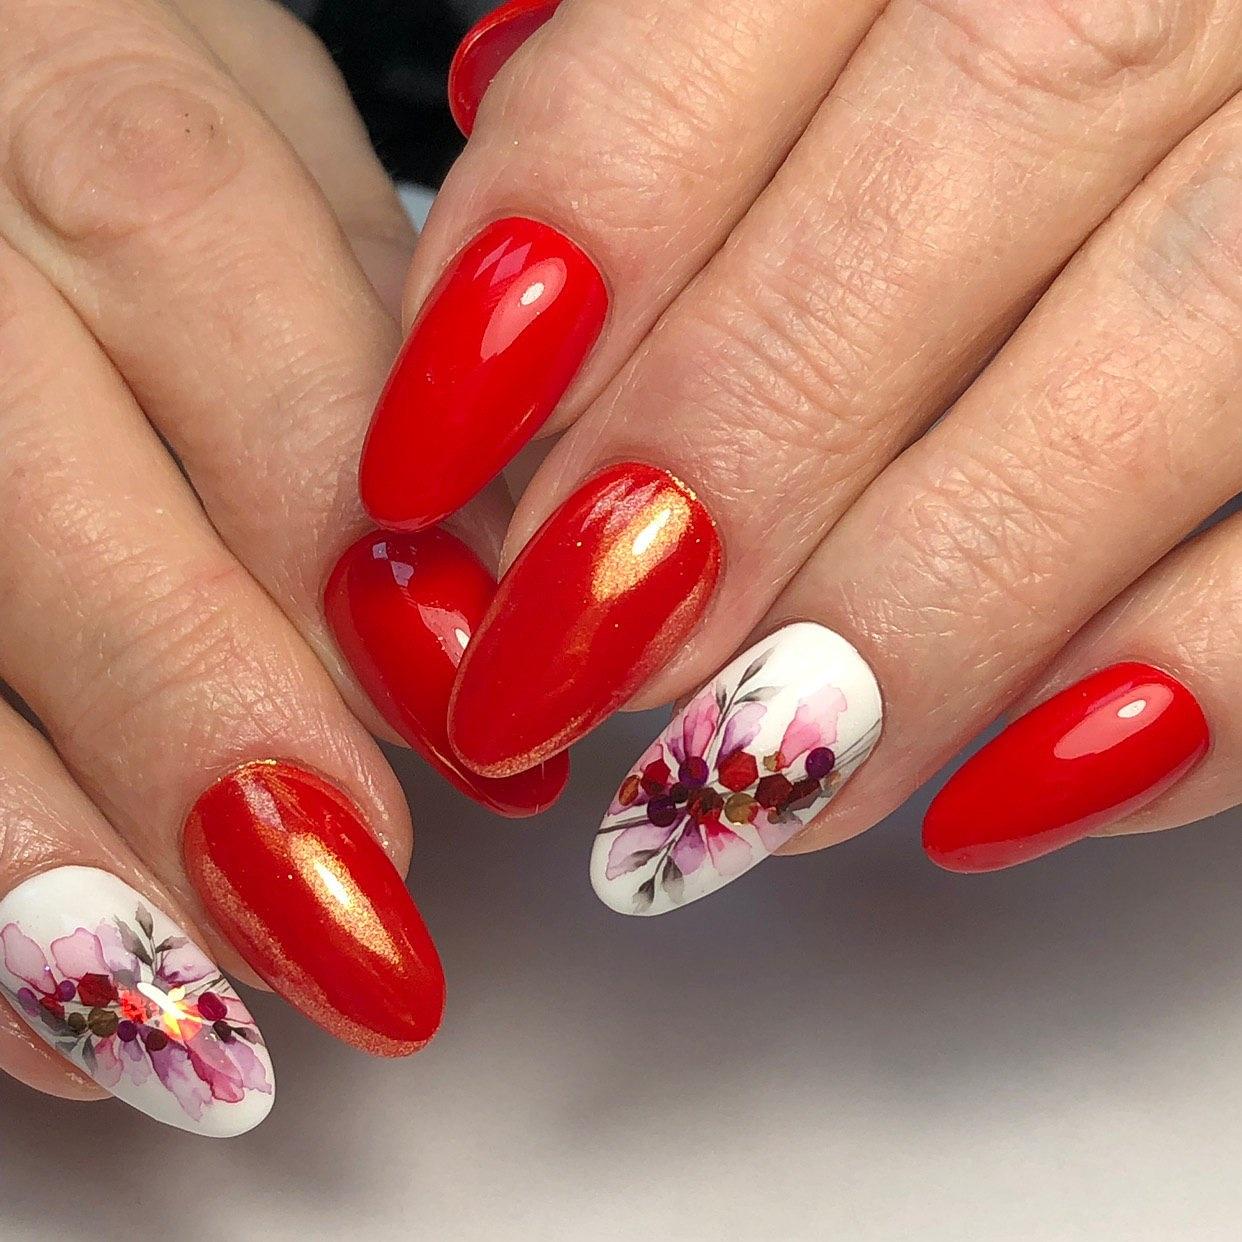 Маникюр с акварельным цветочным рисунком в красном цвете.